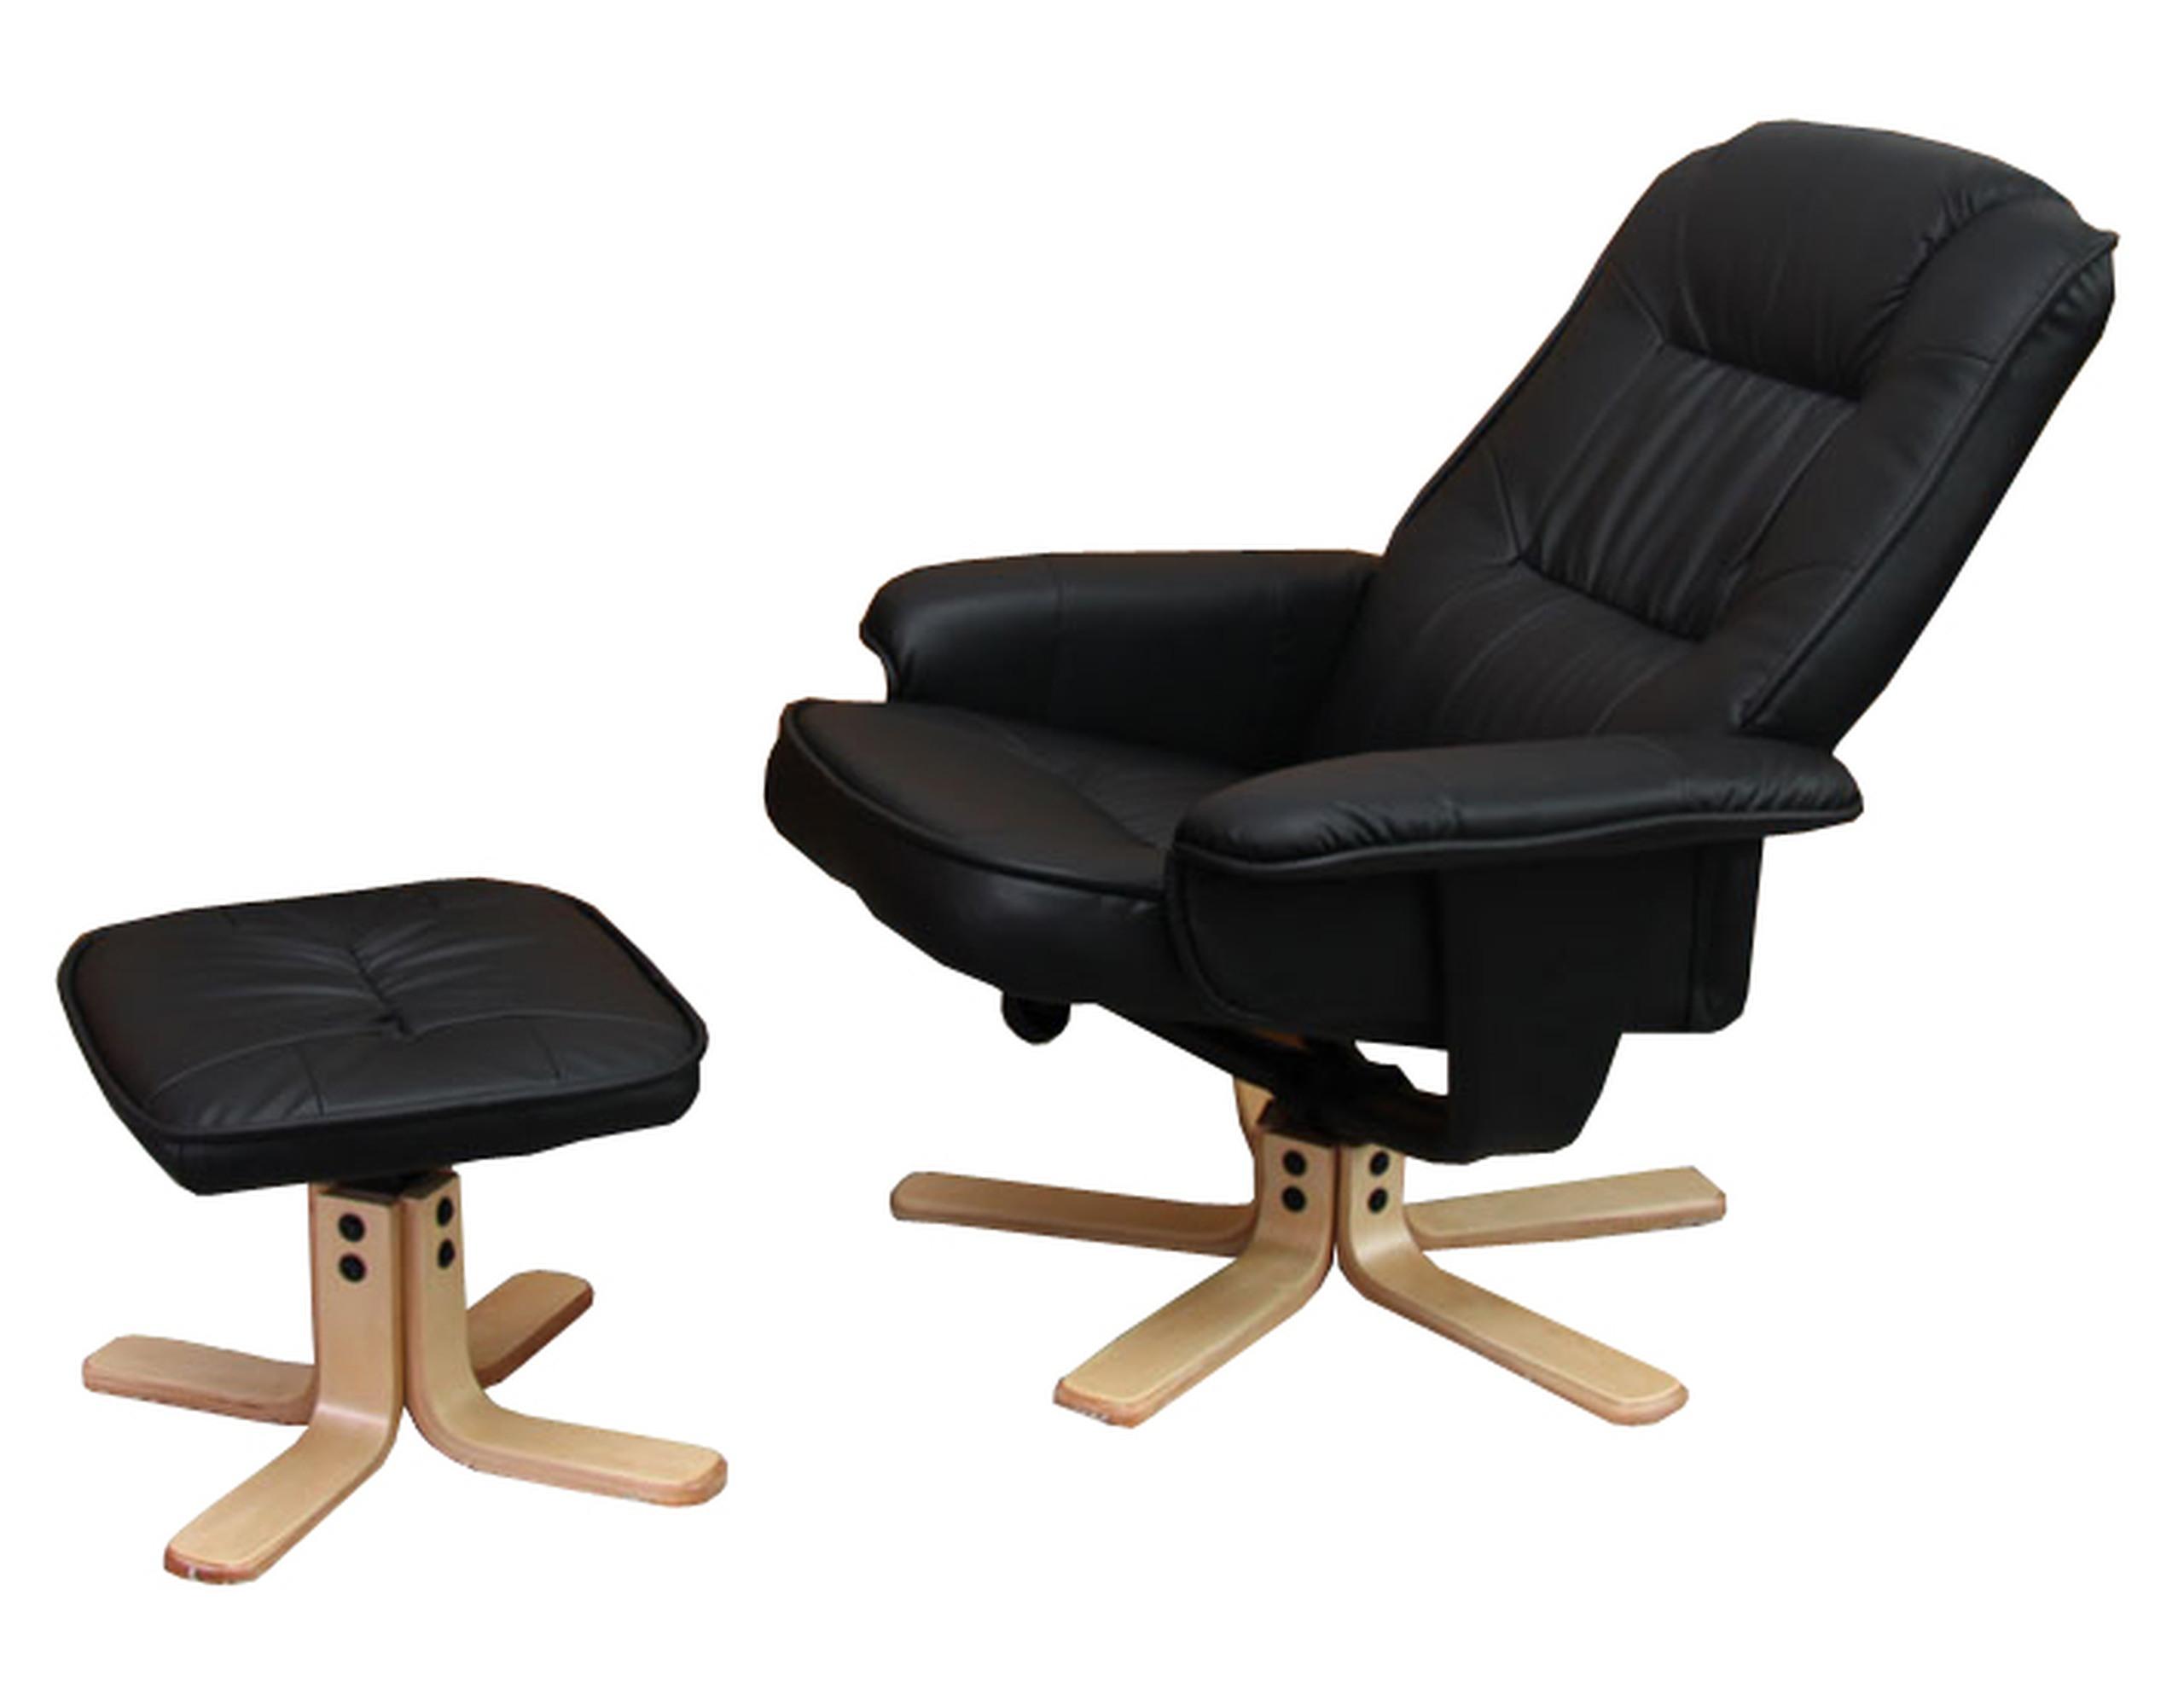 relaxsessel fernsehsessel kunstleder schwarz kaufen. Black Bedroom Furniture Sets. Home Design Ideas